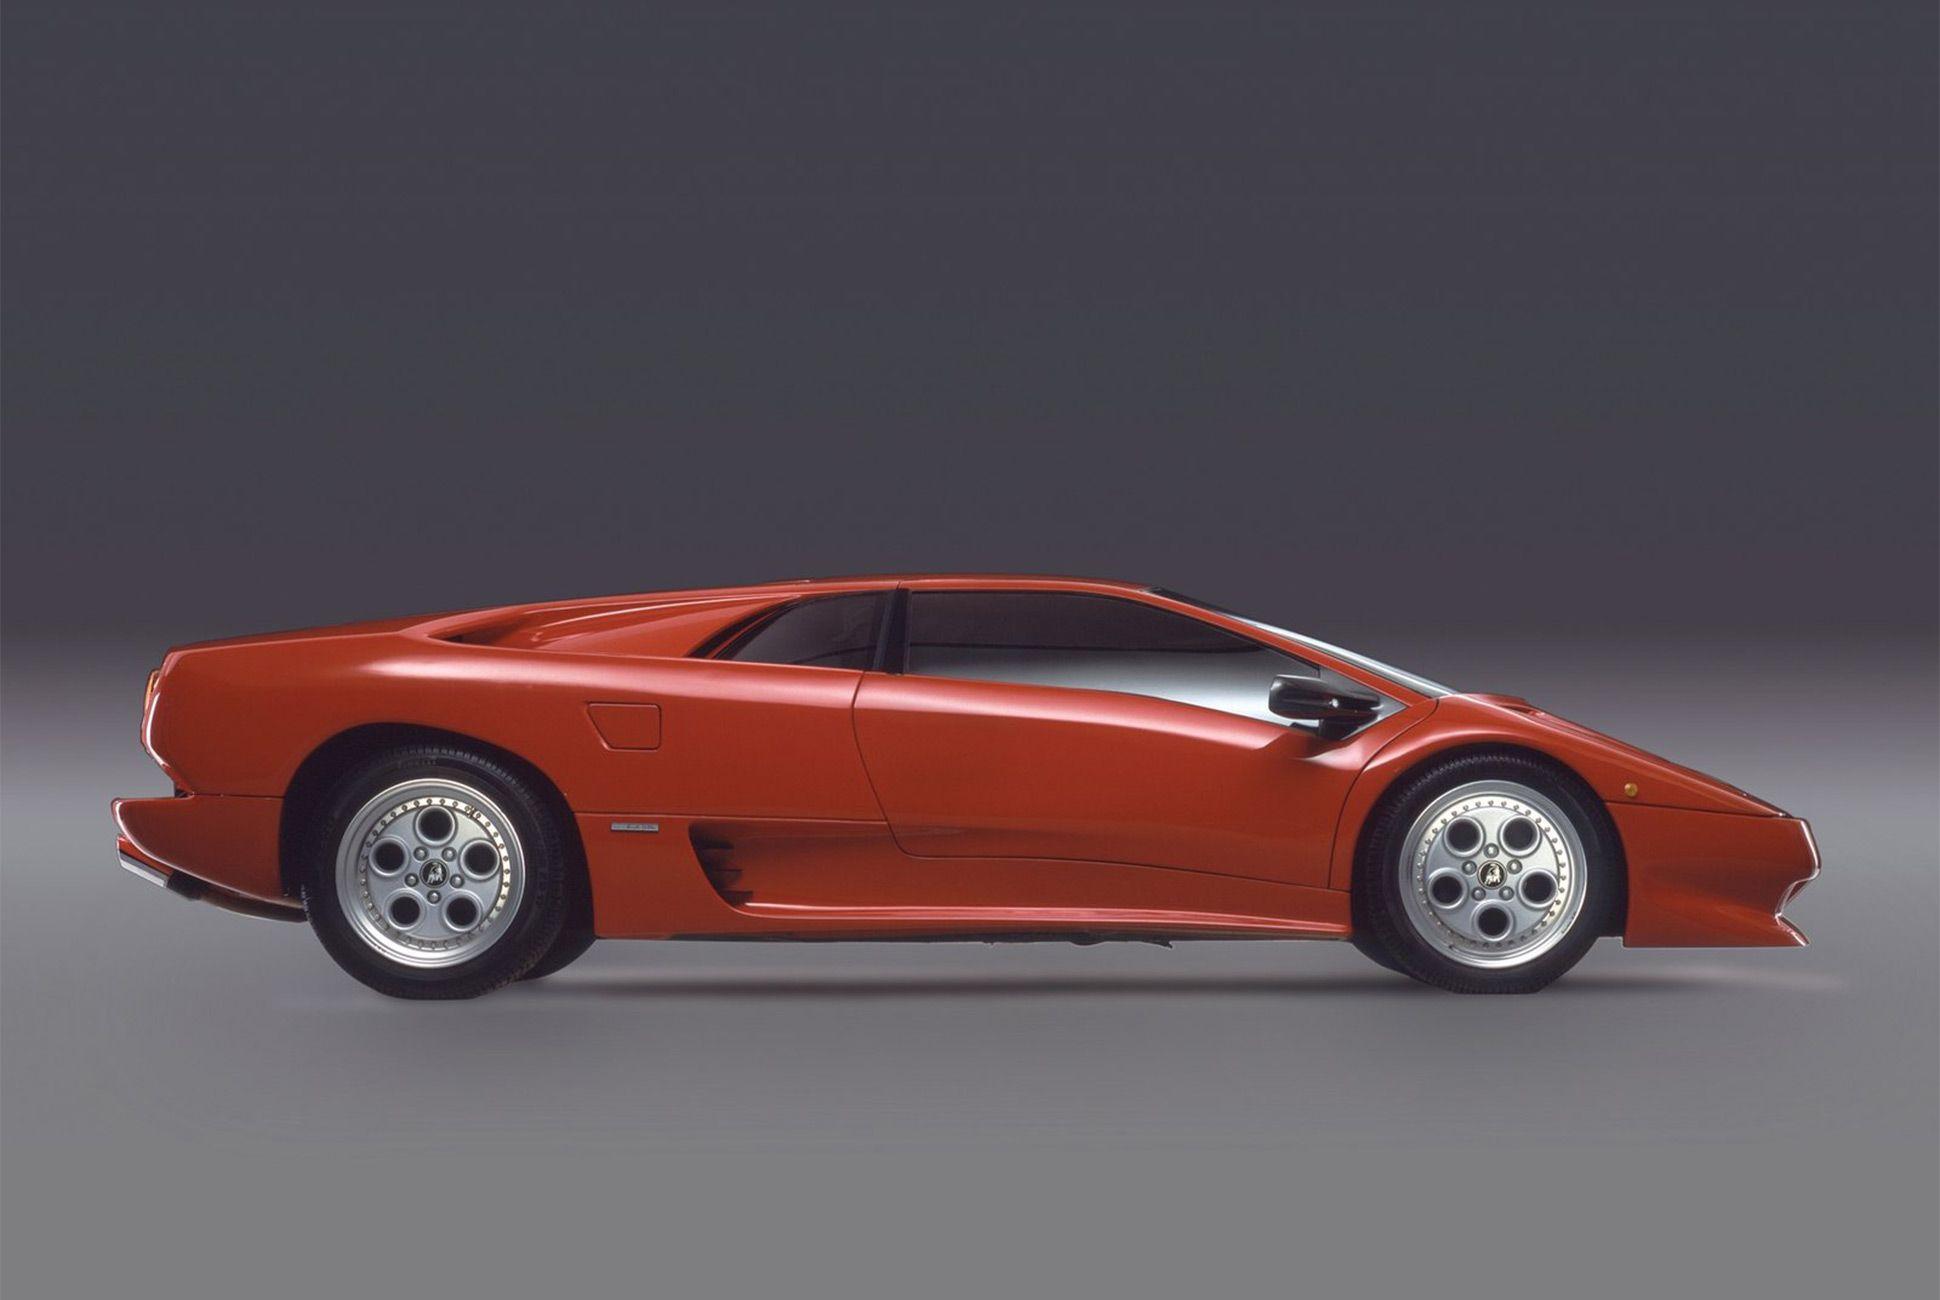 Lamborghini Diablo-Gear-Patrol-Slide-02